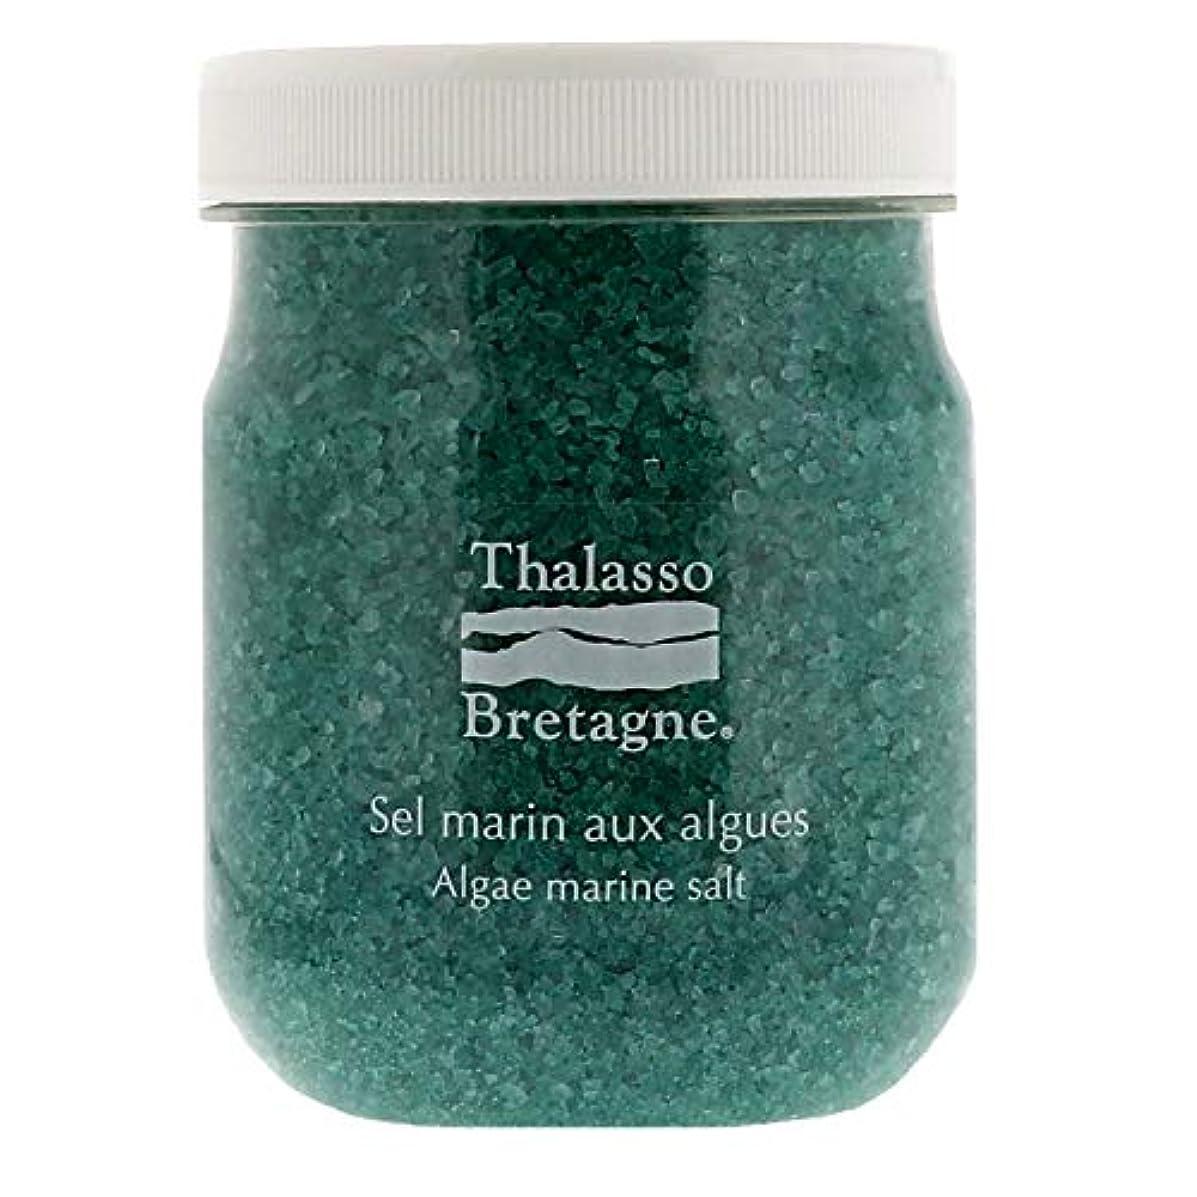 ねばねばテンション差し引くThalasso Breragne タラソ ド ブルターニュー アルグマリンソルト850g